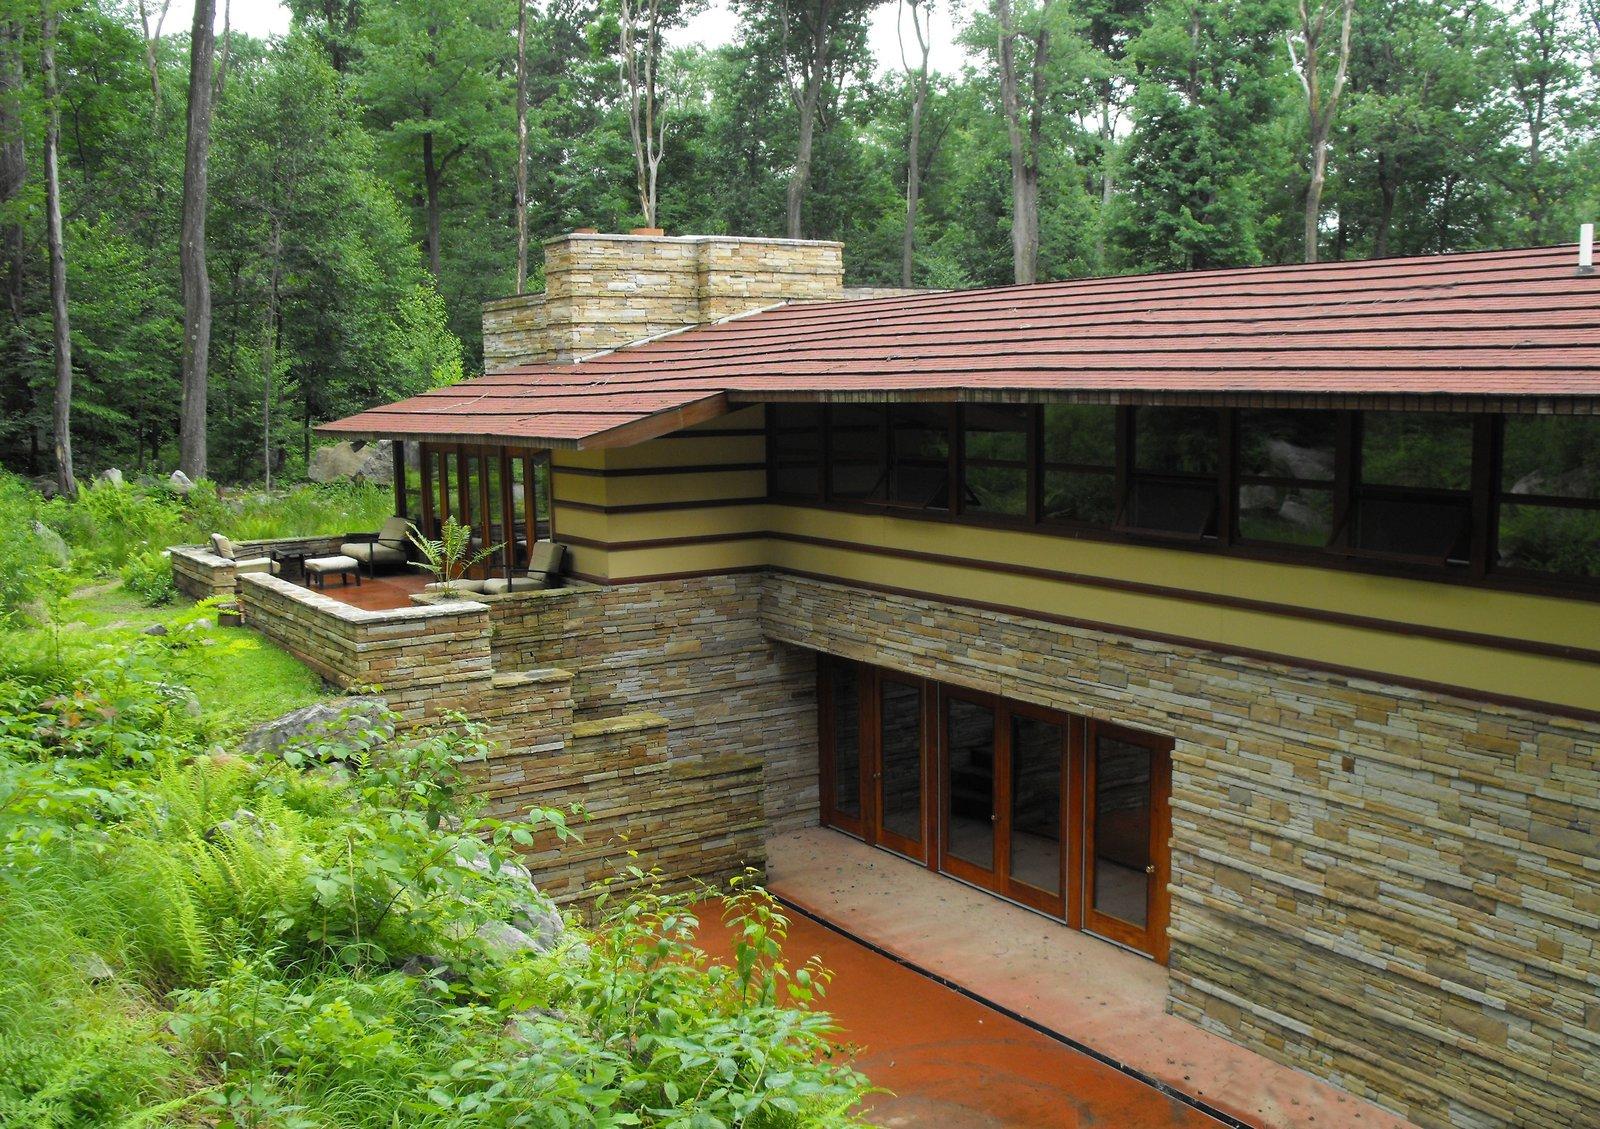 Duncan House in Acme, Pennsylvania